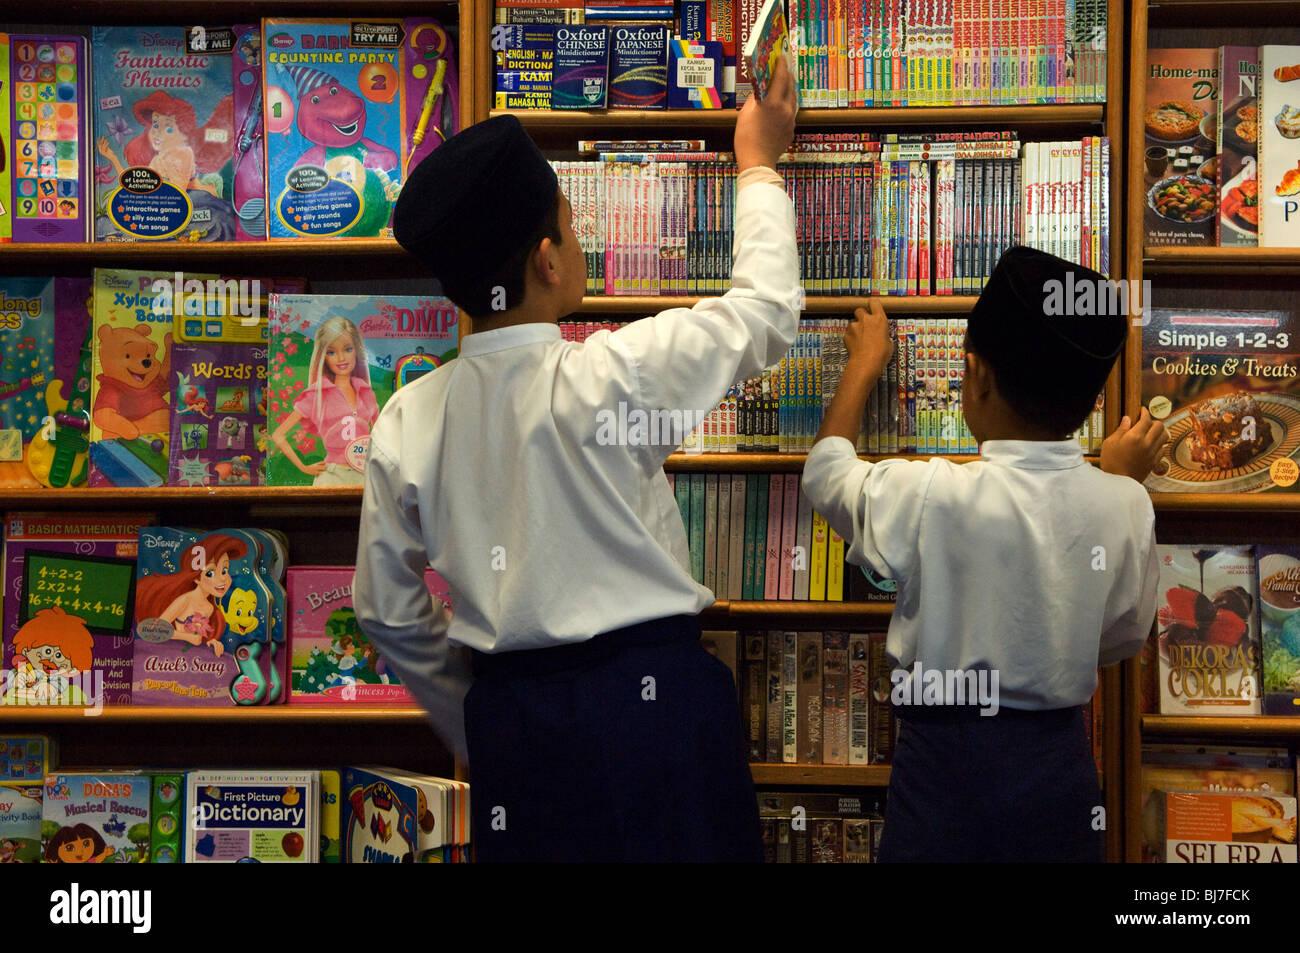 Book fair, Bandar Seri Begawan, Brunei Darussalam - Stock Image